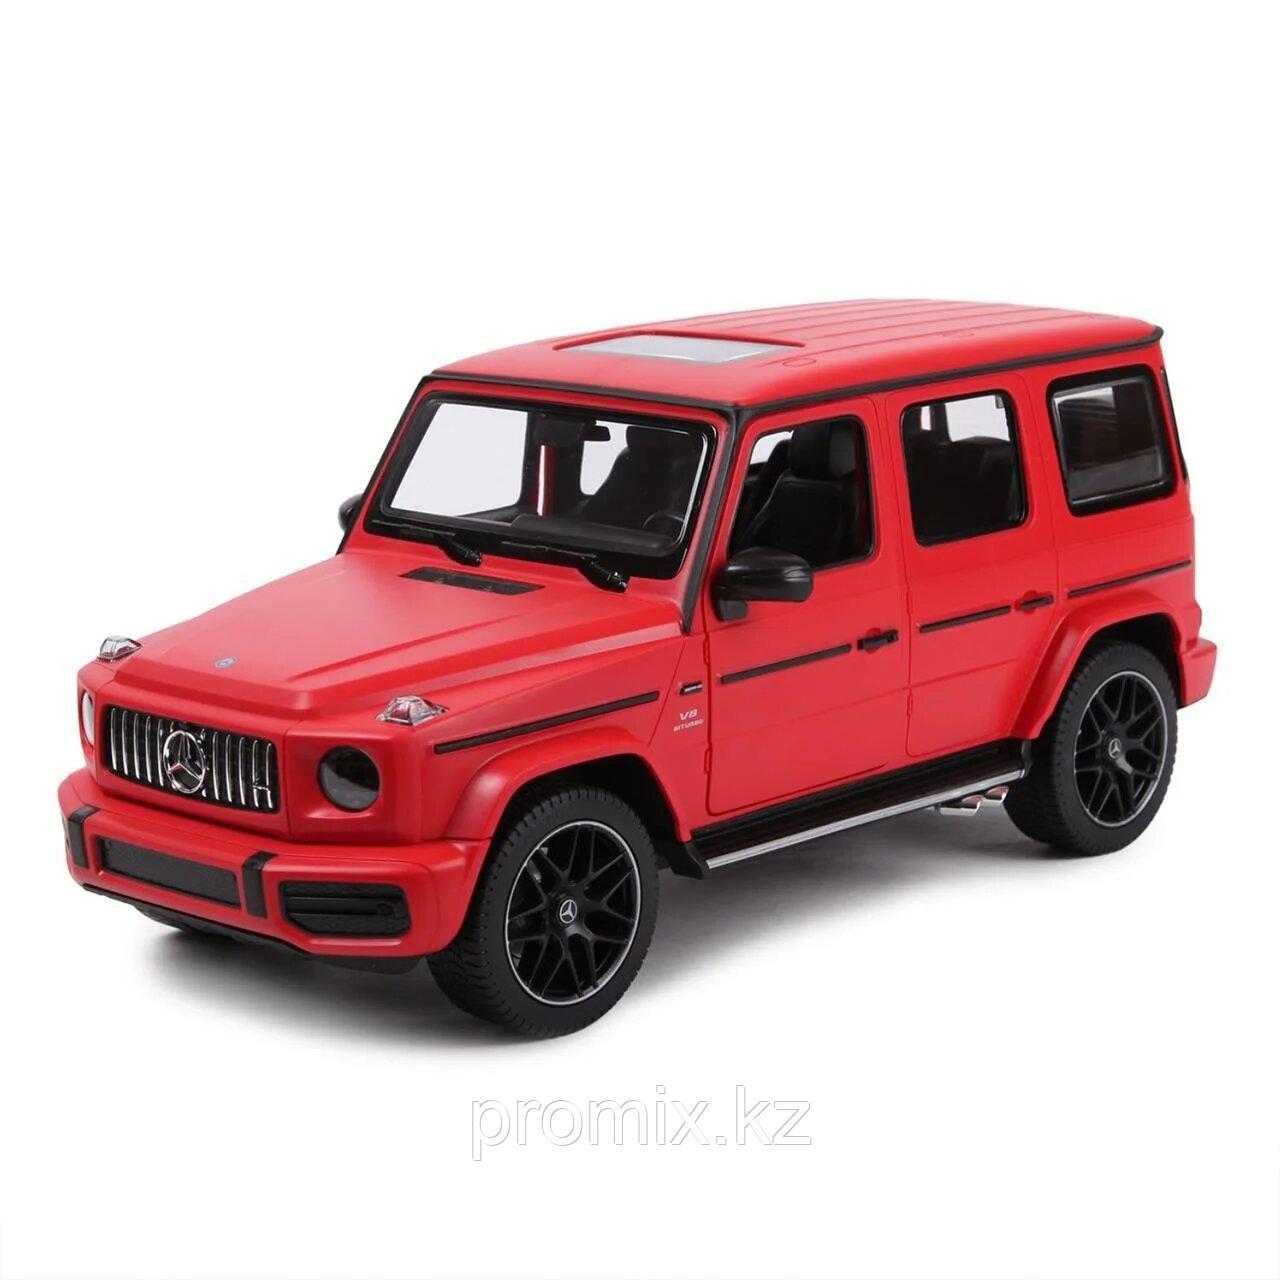 Радиоуправляемая машина Rastar Mercedes-Benz AMG G63, 1:14, Red